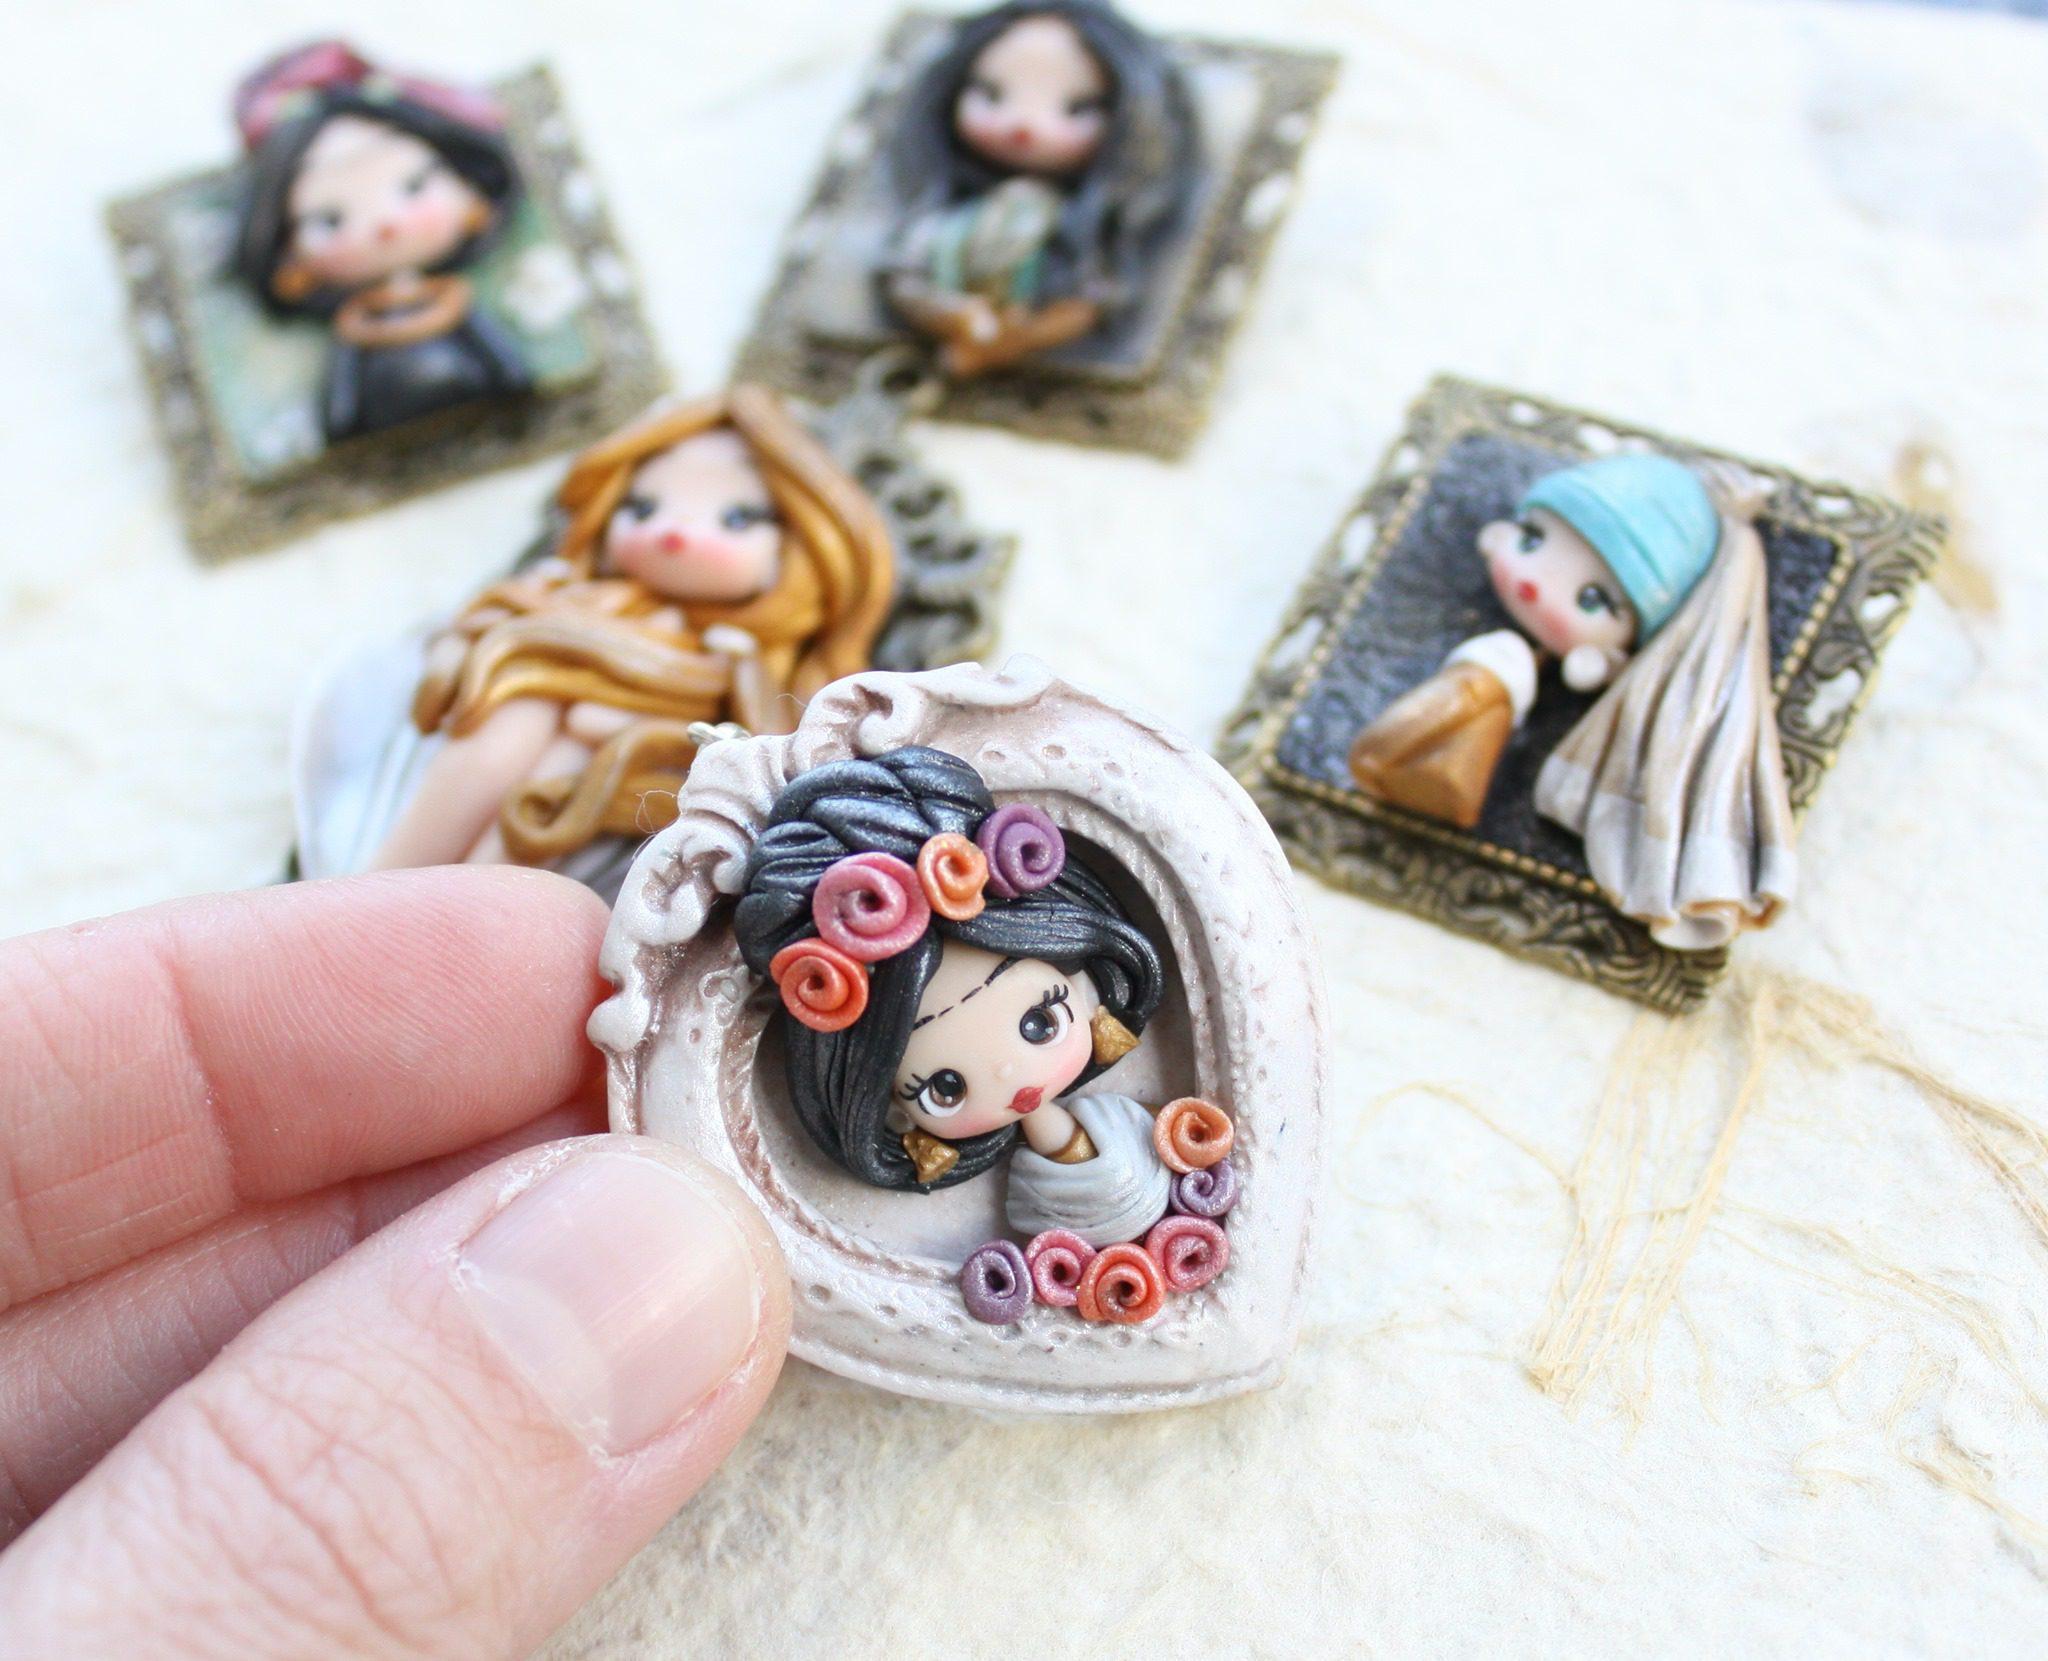 Χειροποίητα κοσμήματα εμπνευσμένα από δημοφιλή έργα τέχνης.